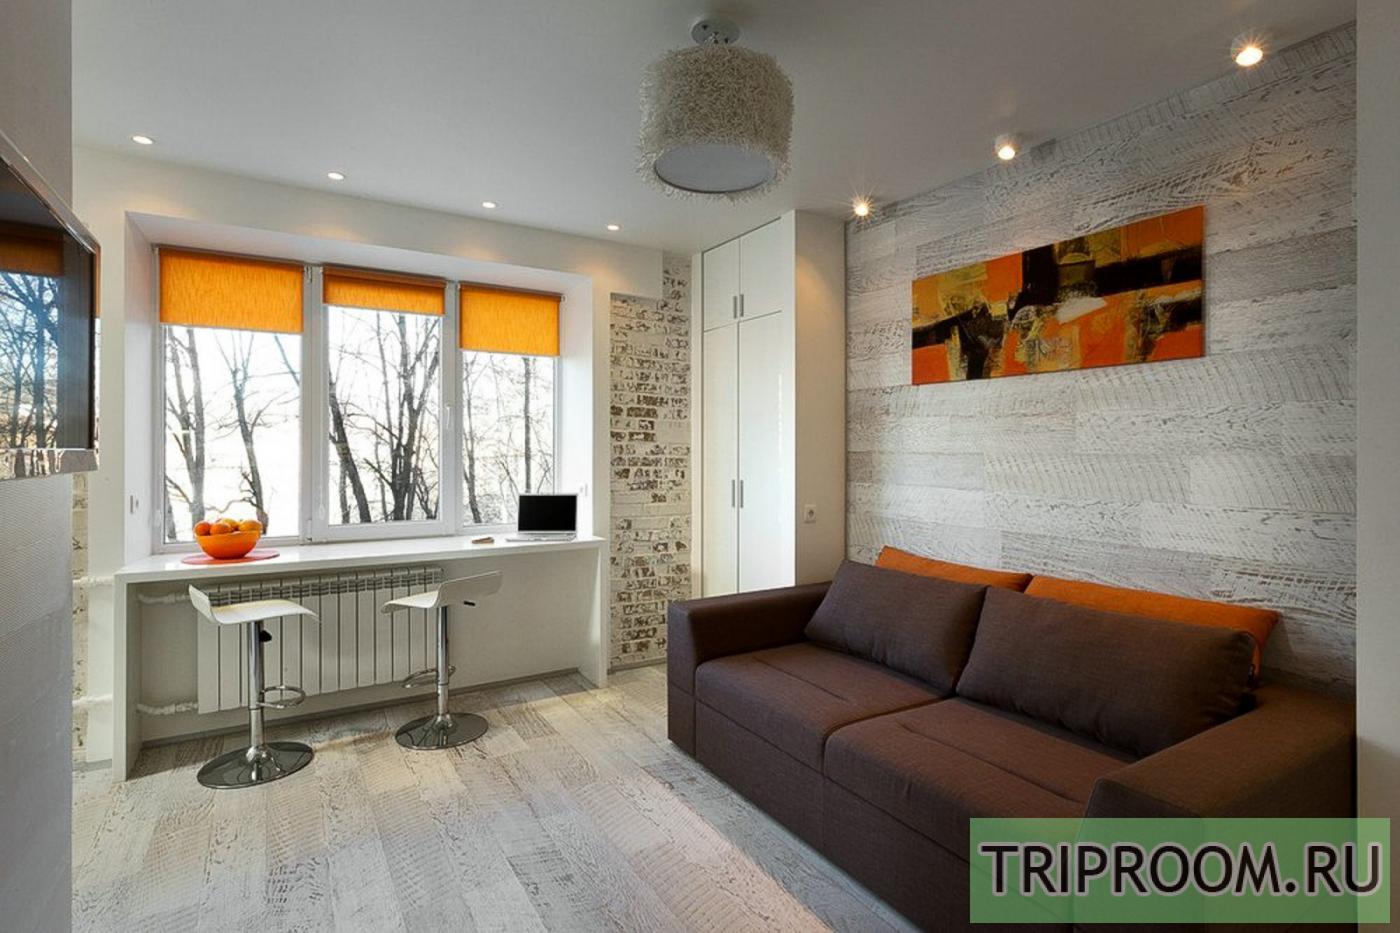 Дизайн однокомнатной квартиры 30 кв м в современном стиле: ф.